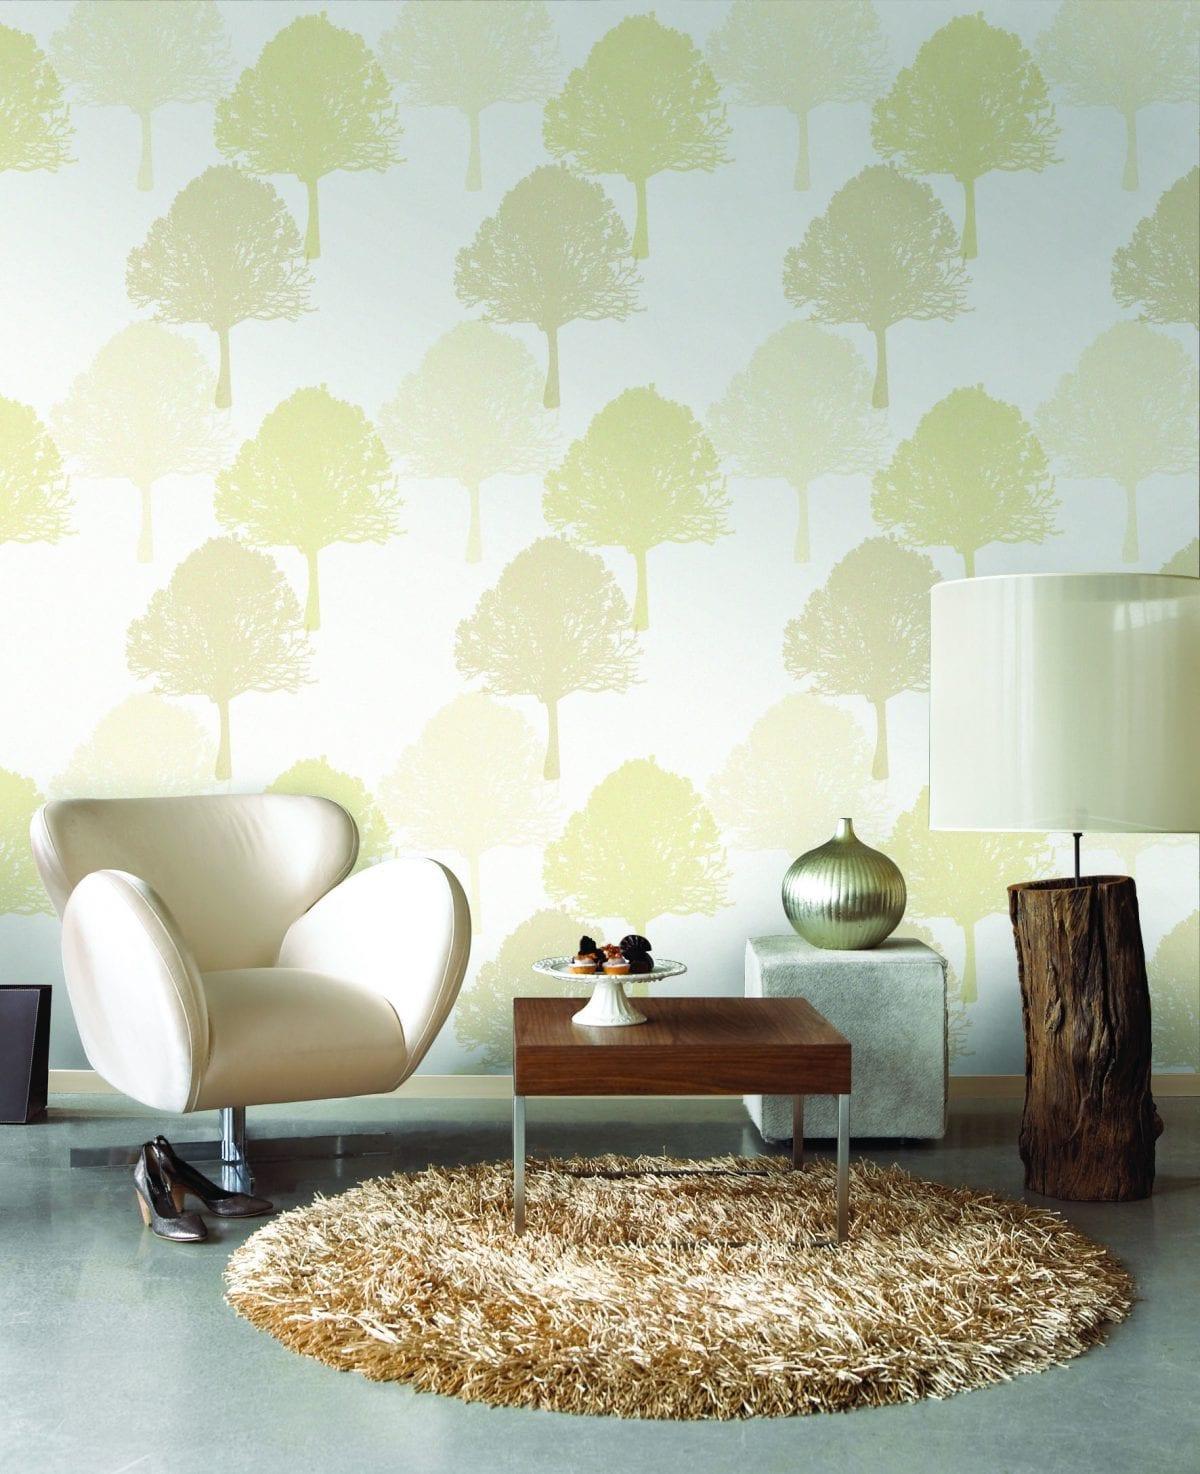 Papel mural en oferta arboles beige URBAN 4701-2 Muresco